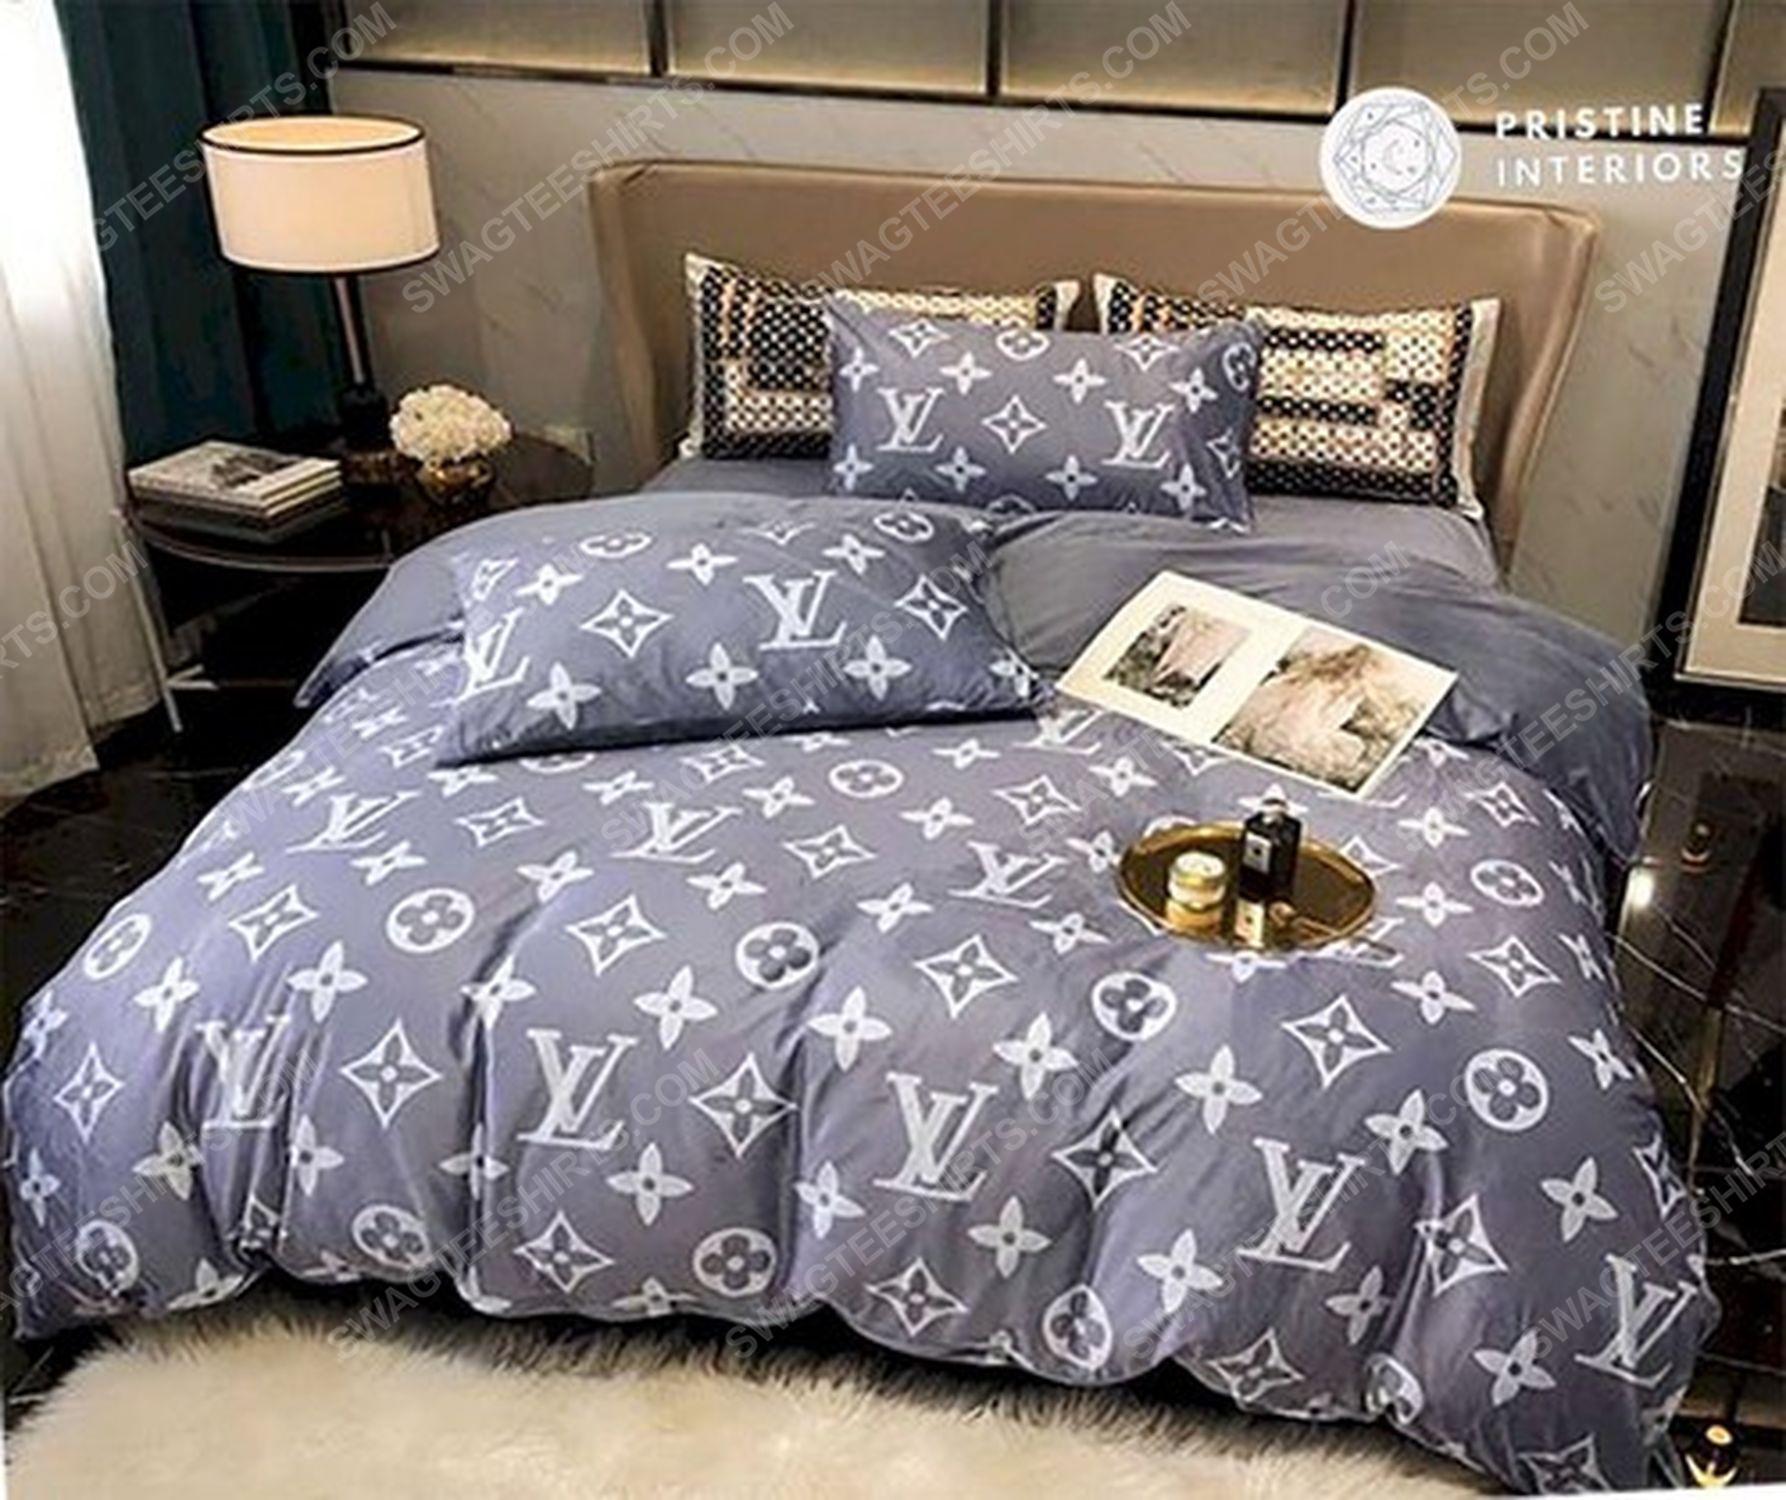 Lv monogram full print duvet cover bedding set